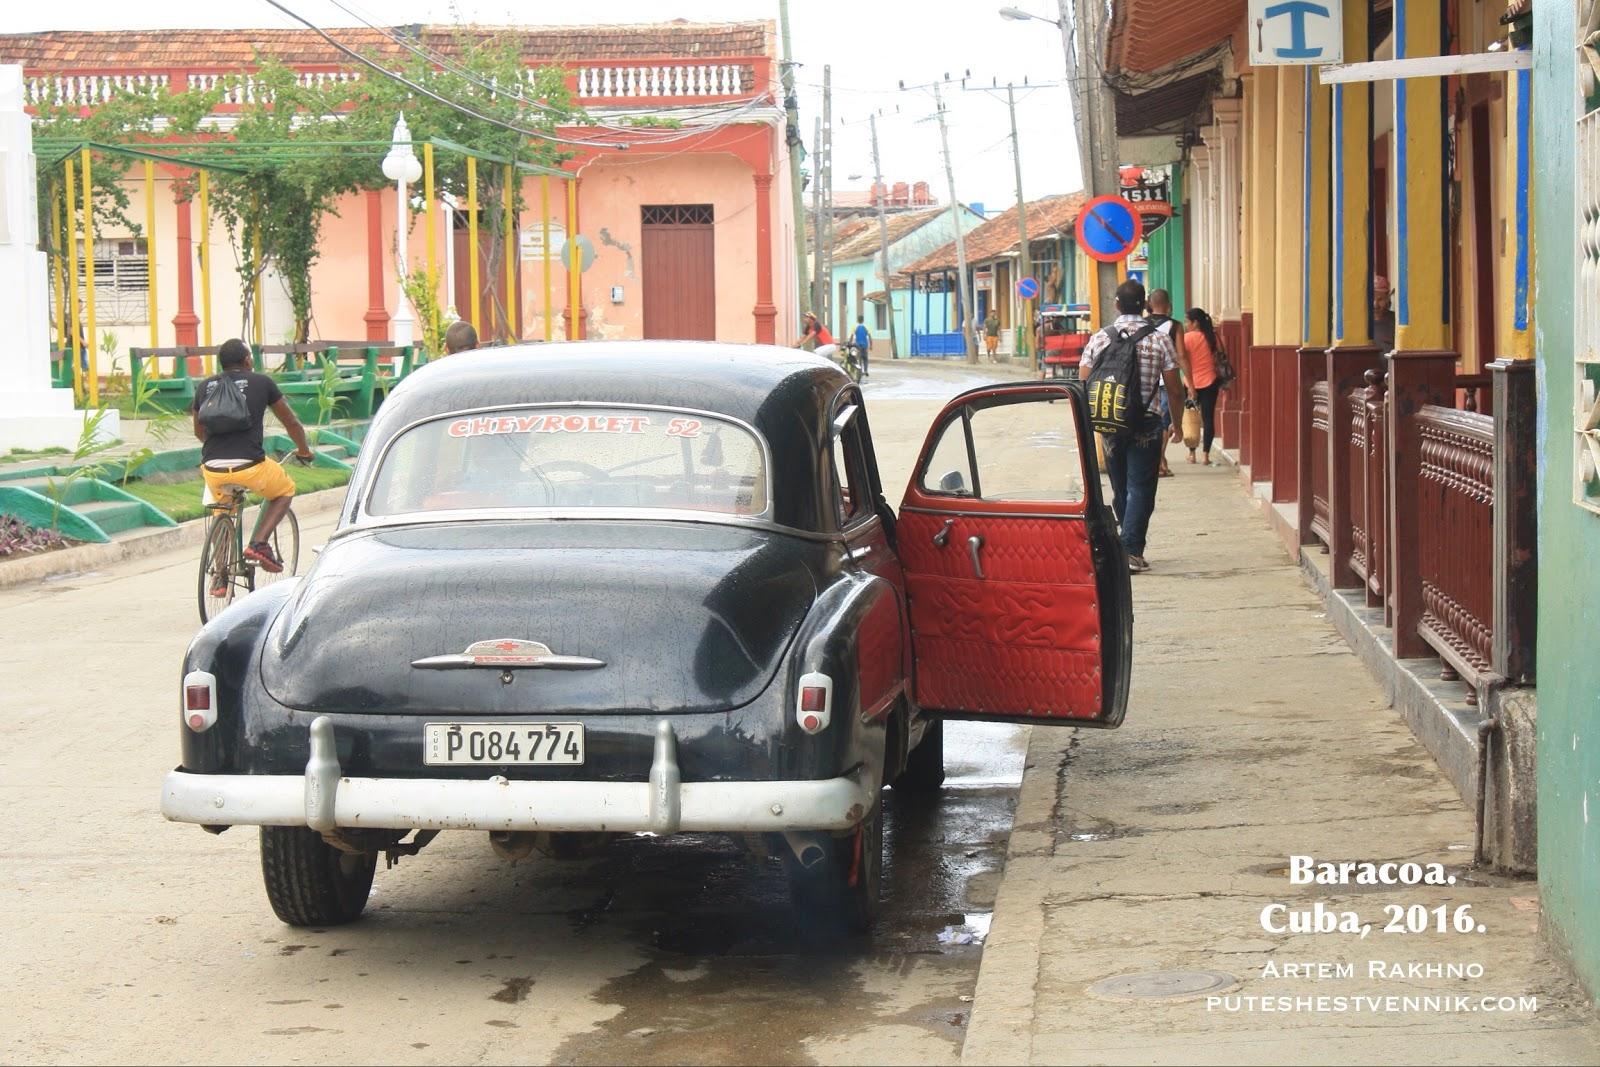 Старинное авто в городе Баракоа на острове Куба